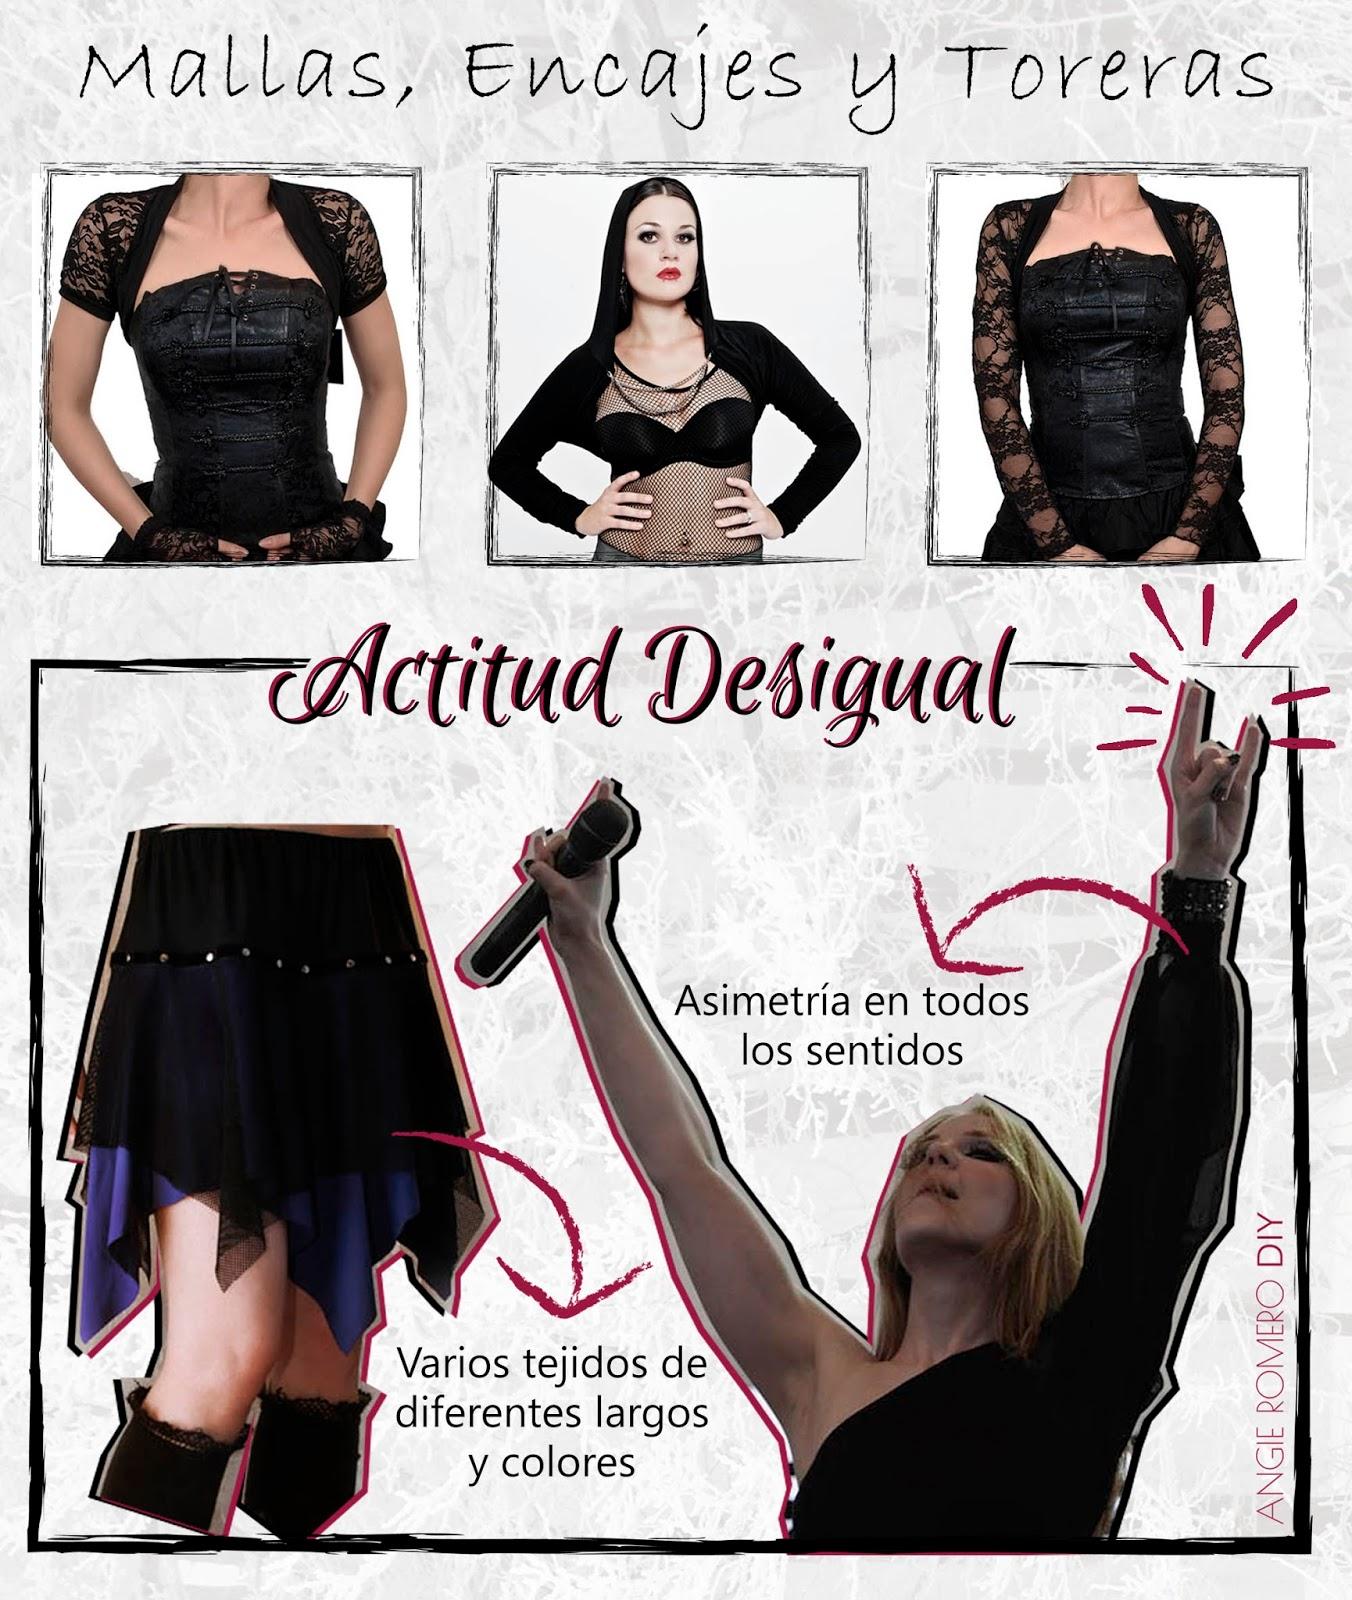 Colección de moda al estilo gótico con encajes, mallas y asimetría